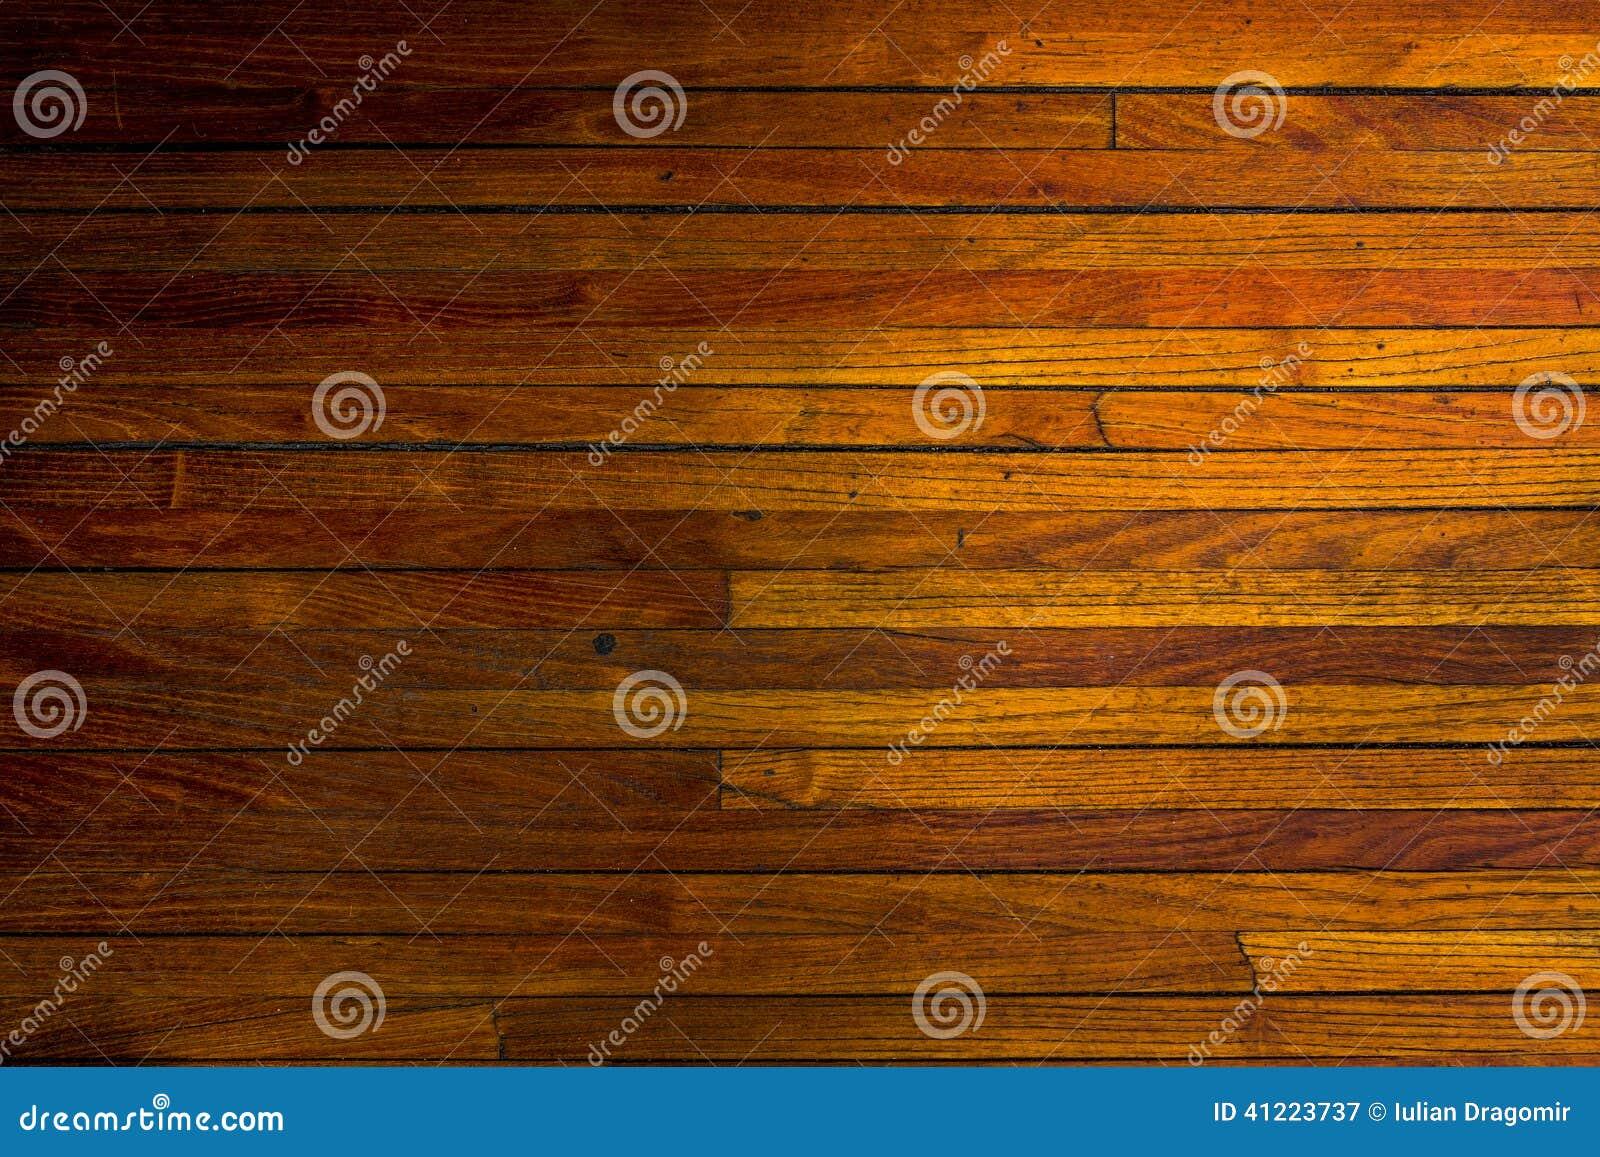 vieille texture de parquet image stock image du raies 41223737. Black Bedroom Furniture Sets. Home Design Ideas